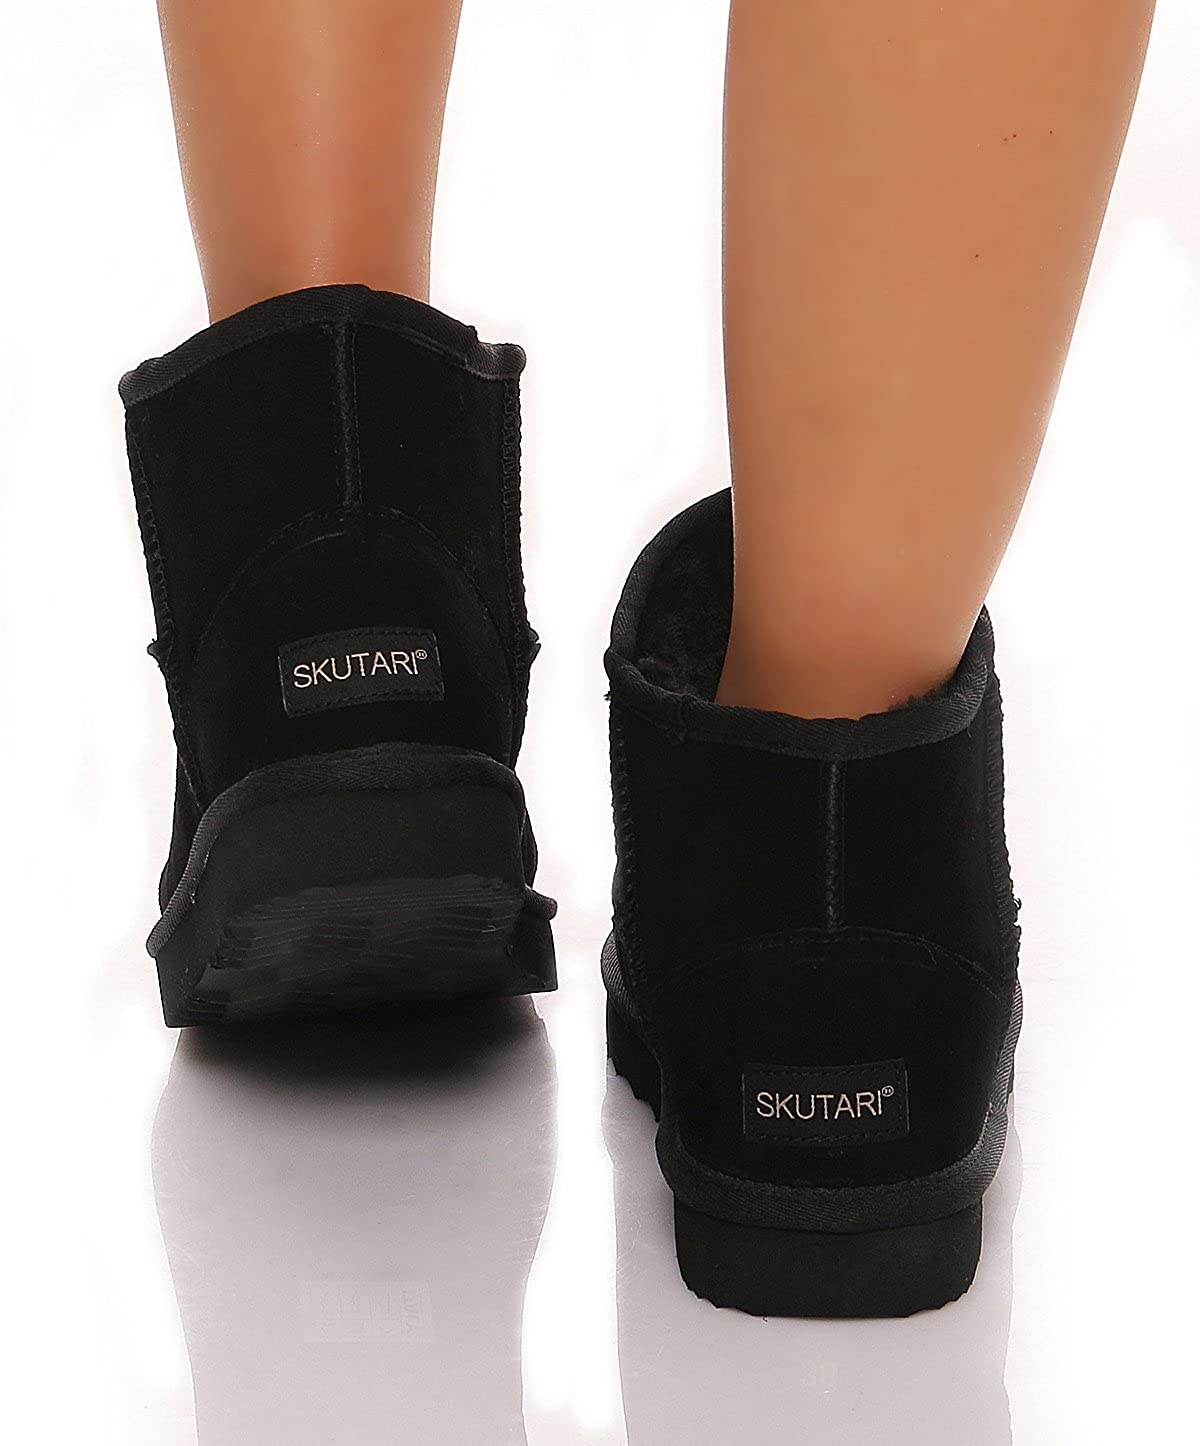 SKUTARI SKUTARI SKUTARI original Classic Stiefel handgefertigte italienische Lederstiefel für Damen mit gemütlichem Kunstfell rutschhemmender Außensohle und Gepolsterter Innensohle 1d16be